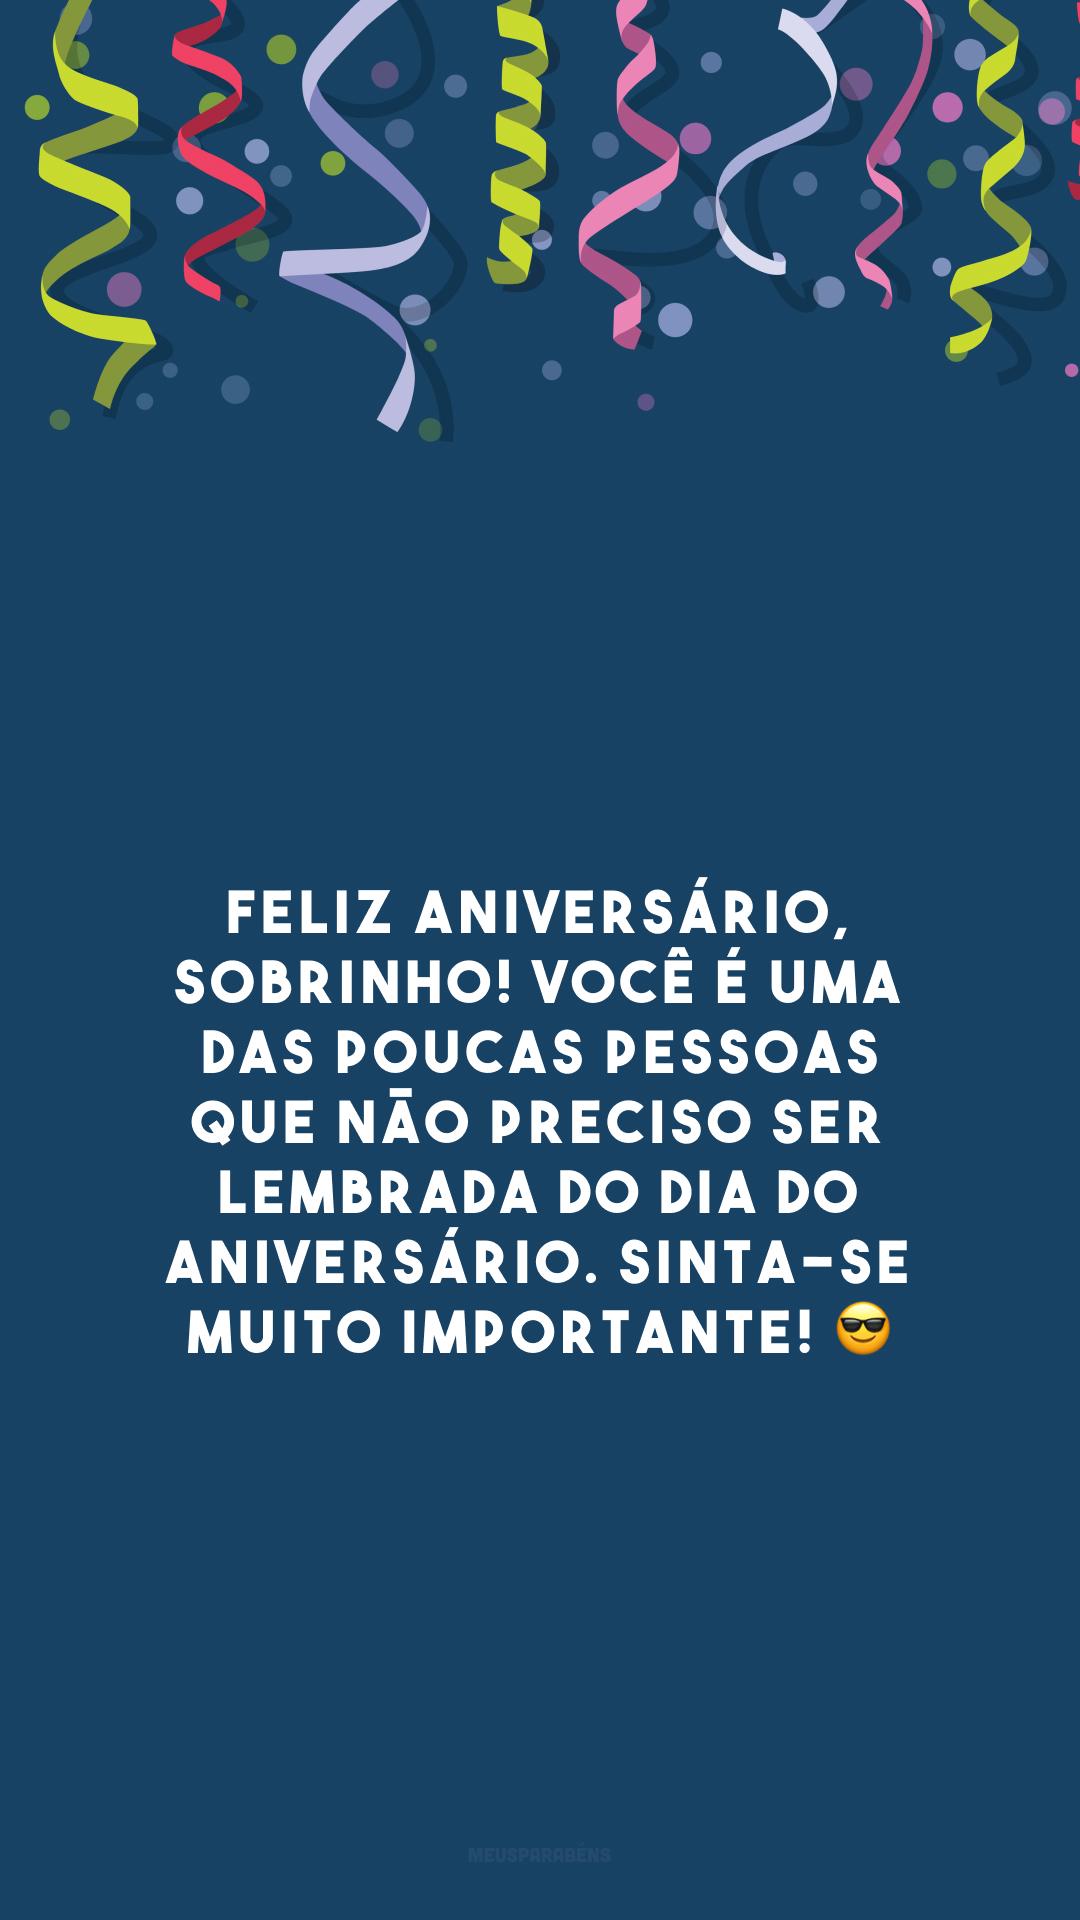 Feliz aniversário, sobrinho! Você é uma das poucas pessoas que não preciso ser lembrada do dia do aniversário. Sinta-se muito importante! 😎